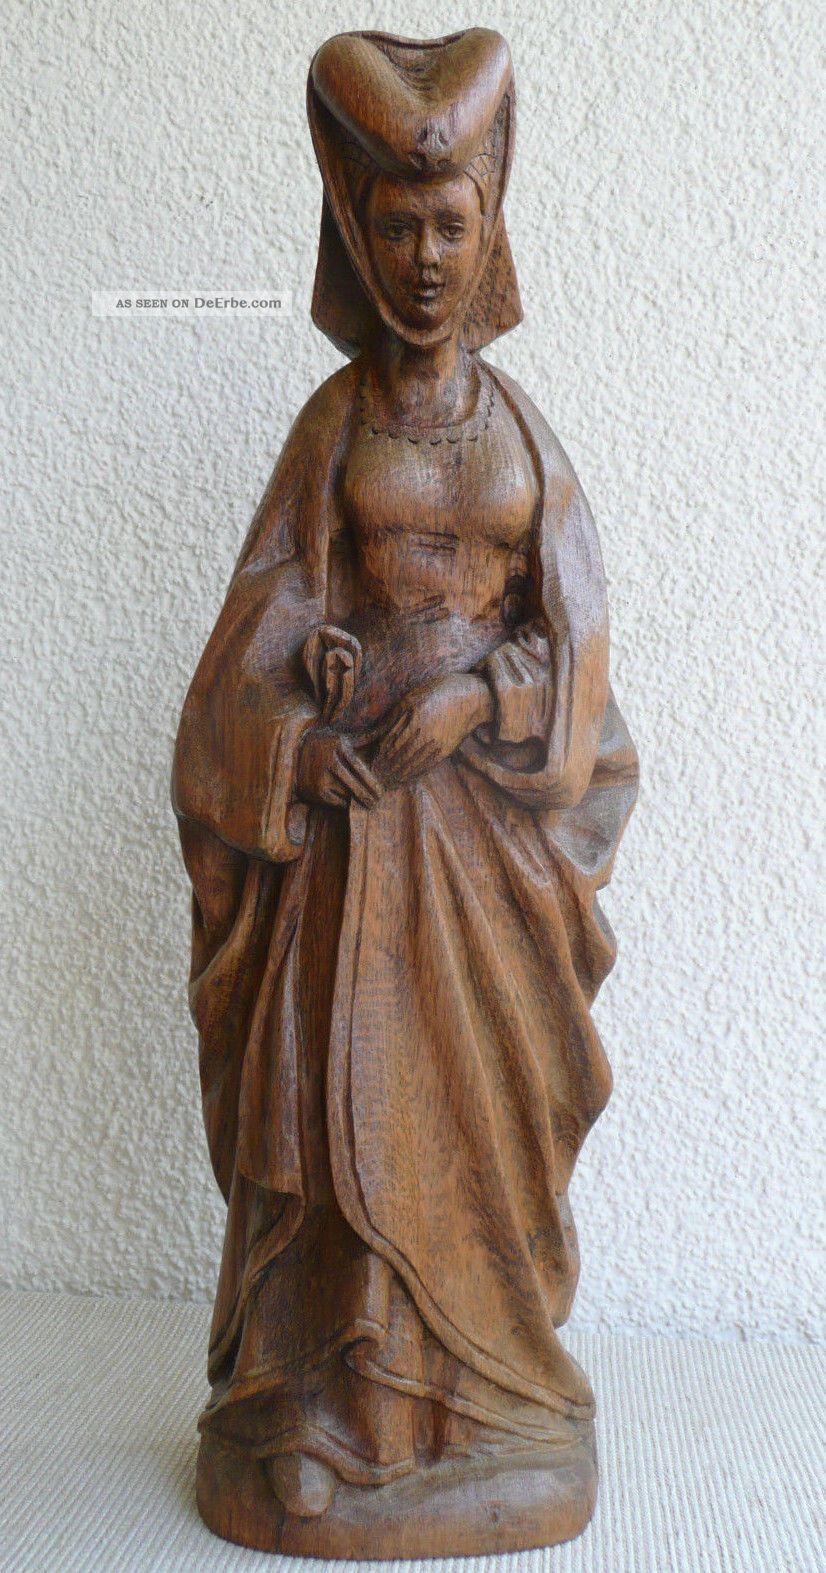 Große Geschnitzte Holz Figur Heiligenfigur Größe 44cm Skulptur Holzfigur Selten Holzarbeiten Bild